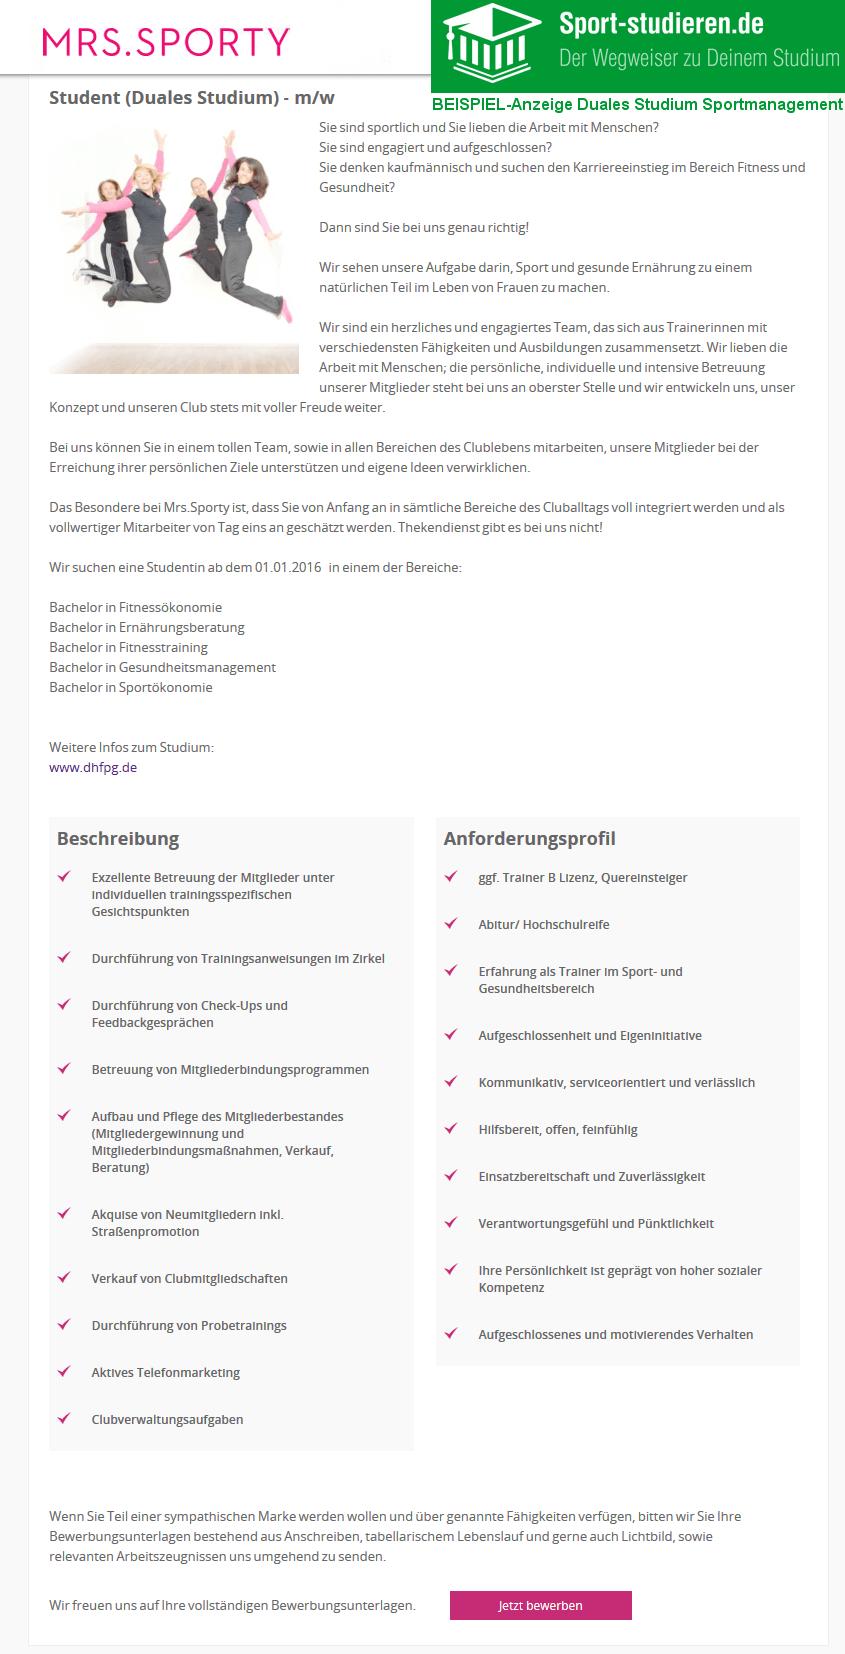 Schön Organisationsentwicklung Lebenslauf Beispiel Bilder - Entry ...